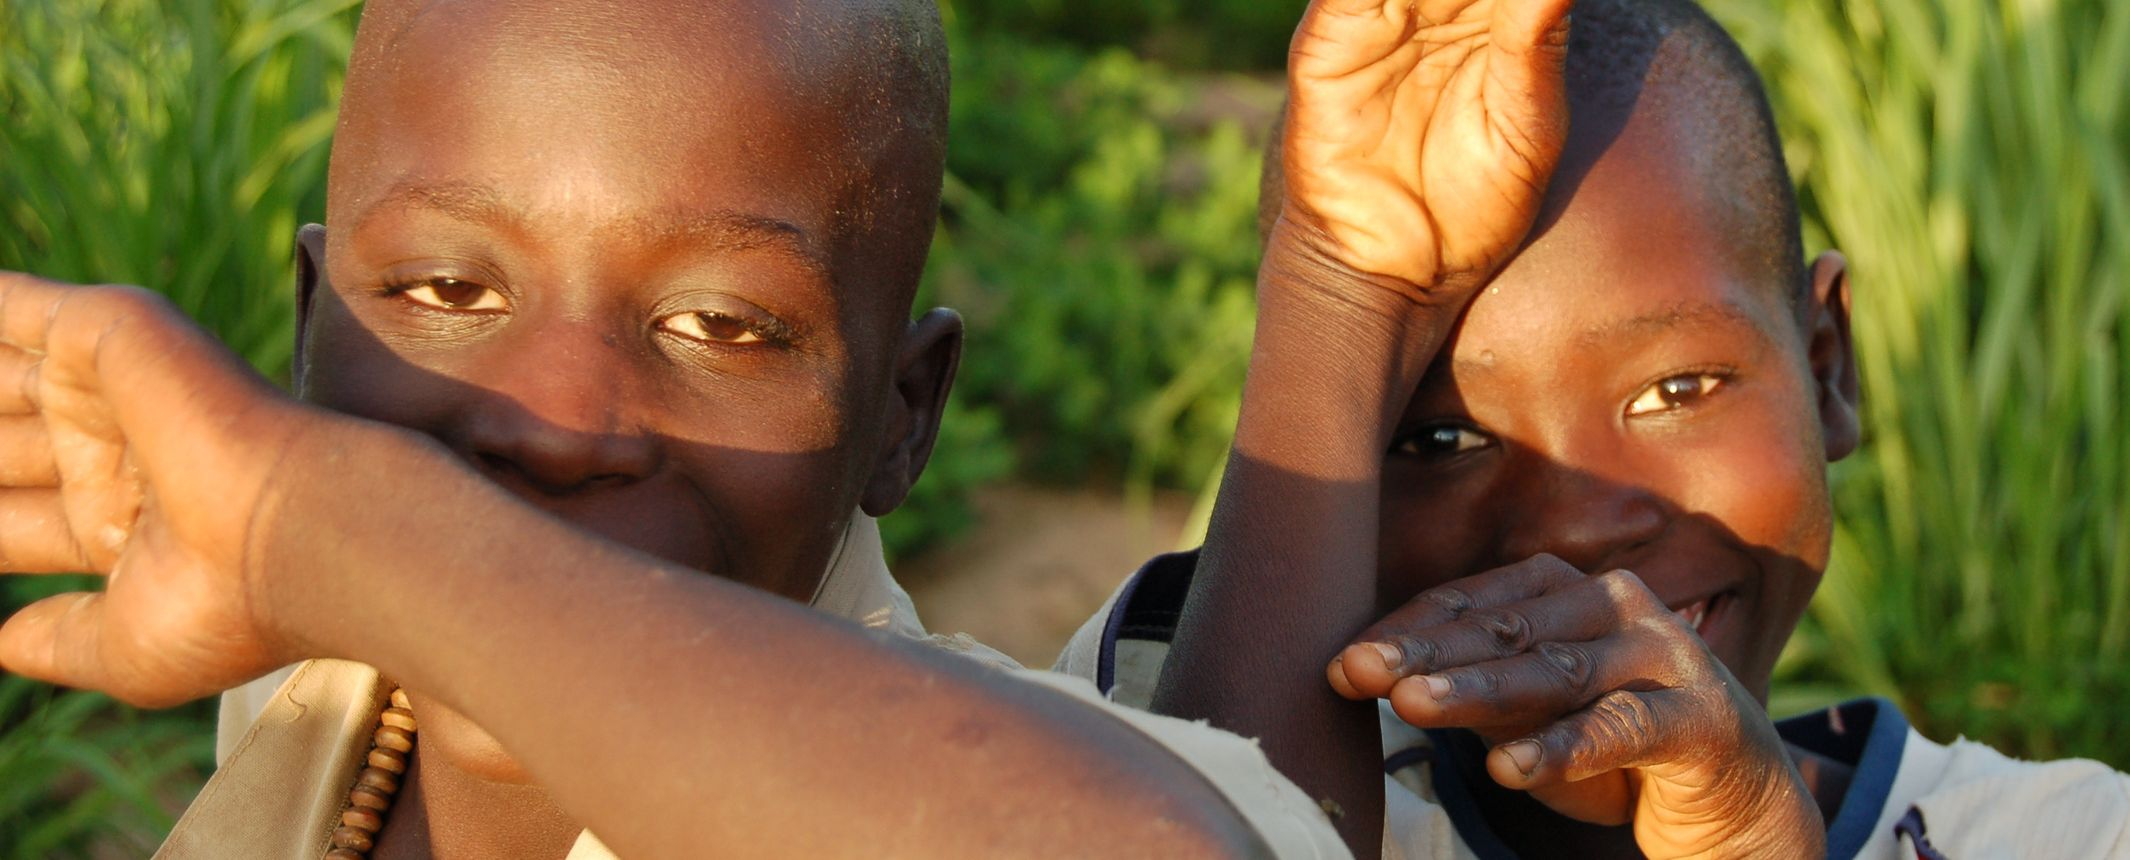 Camerún - Etnias remotas